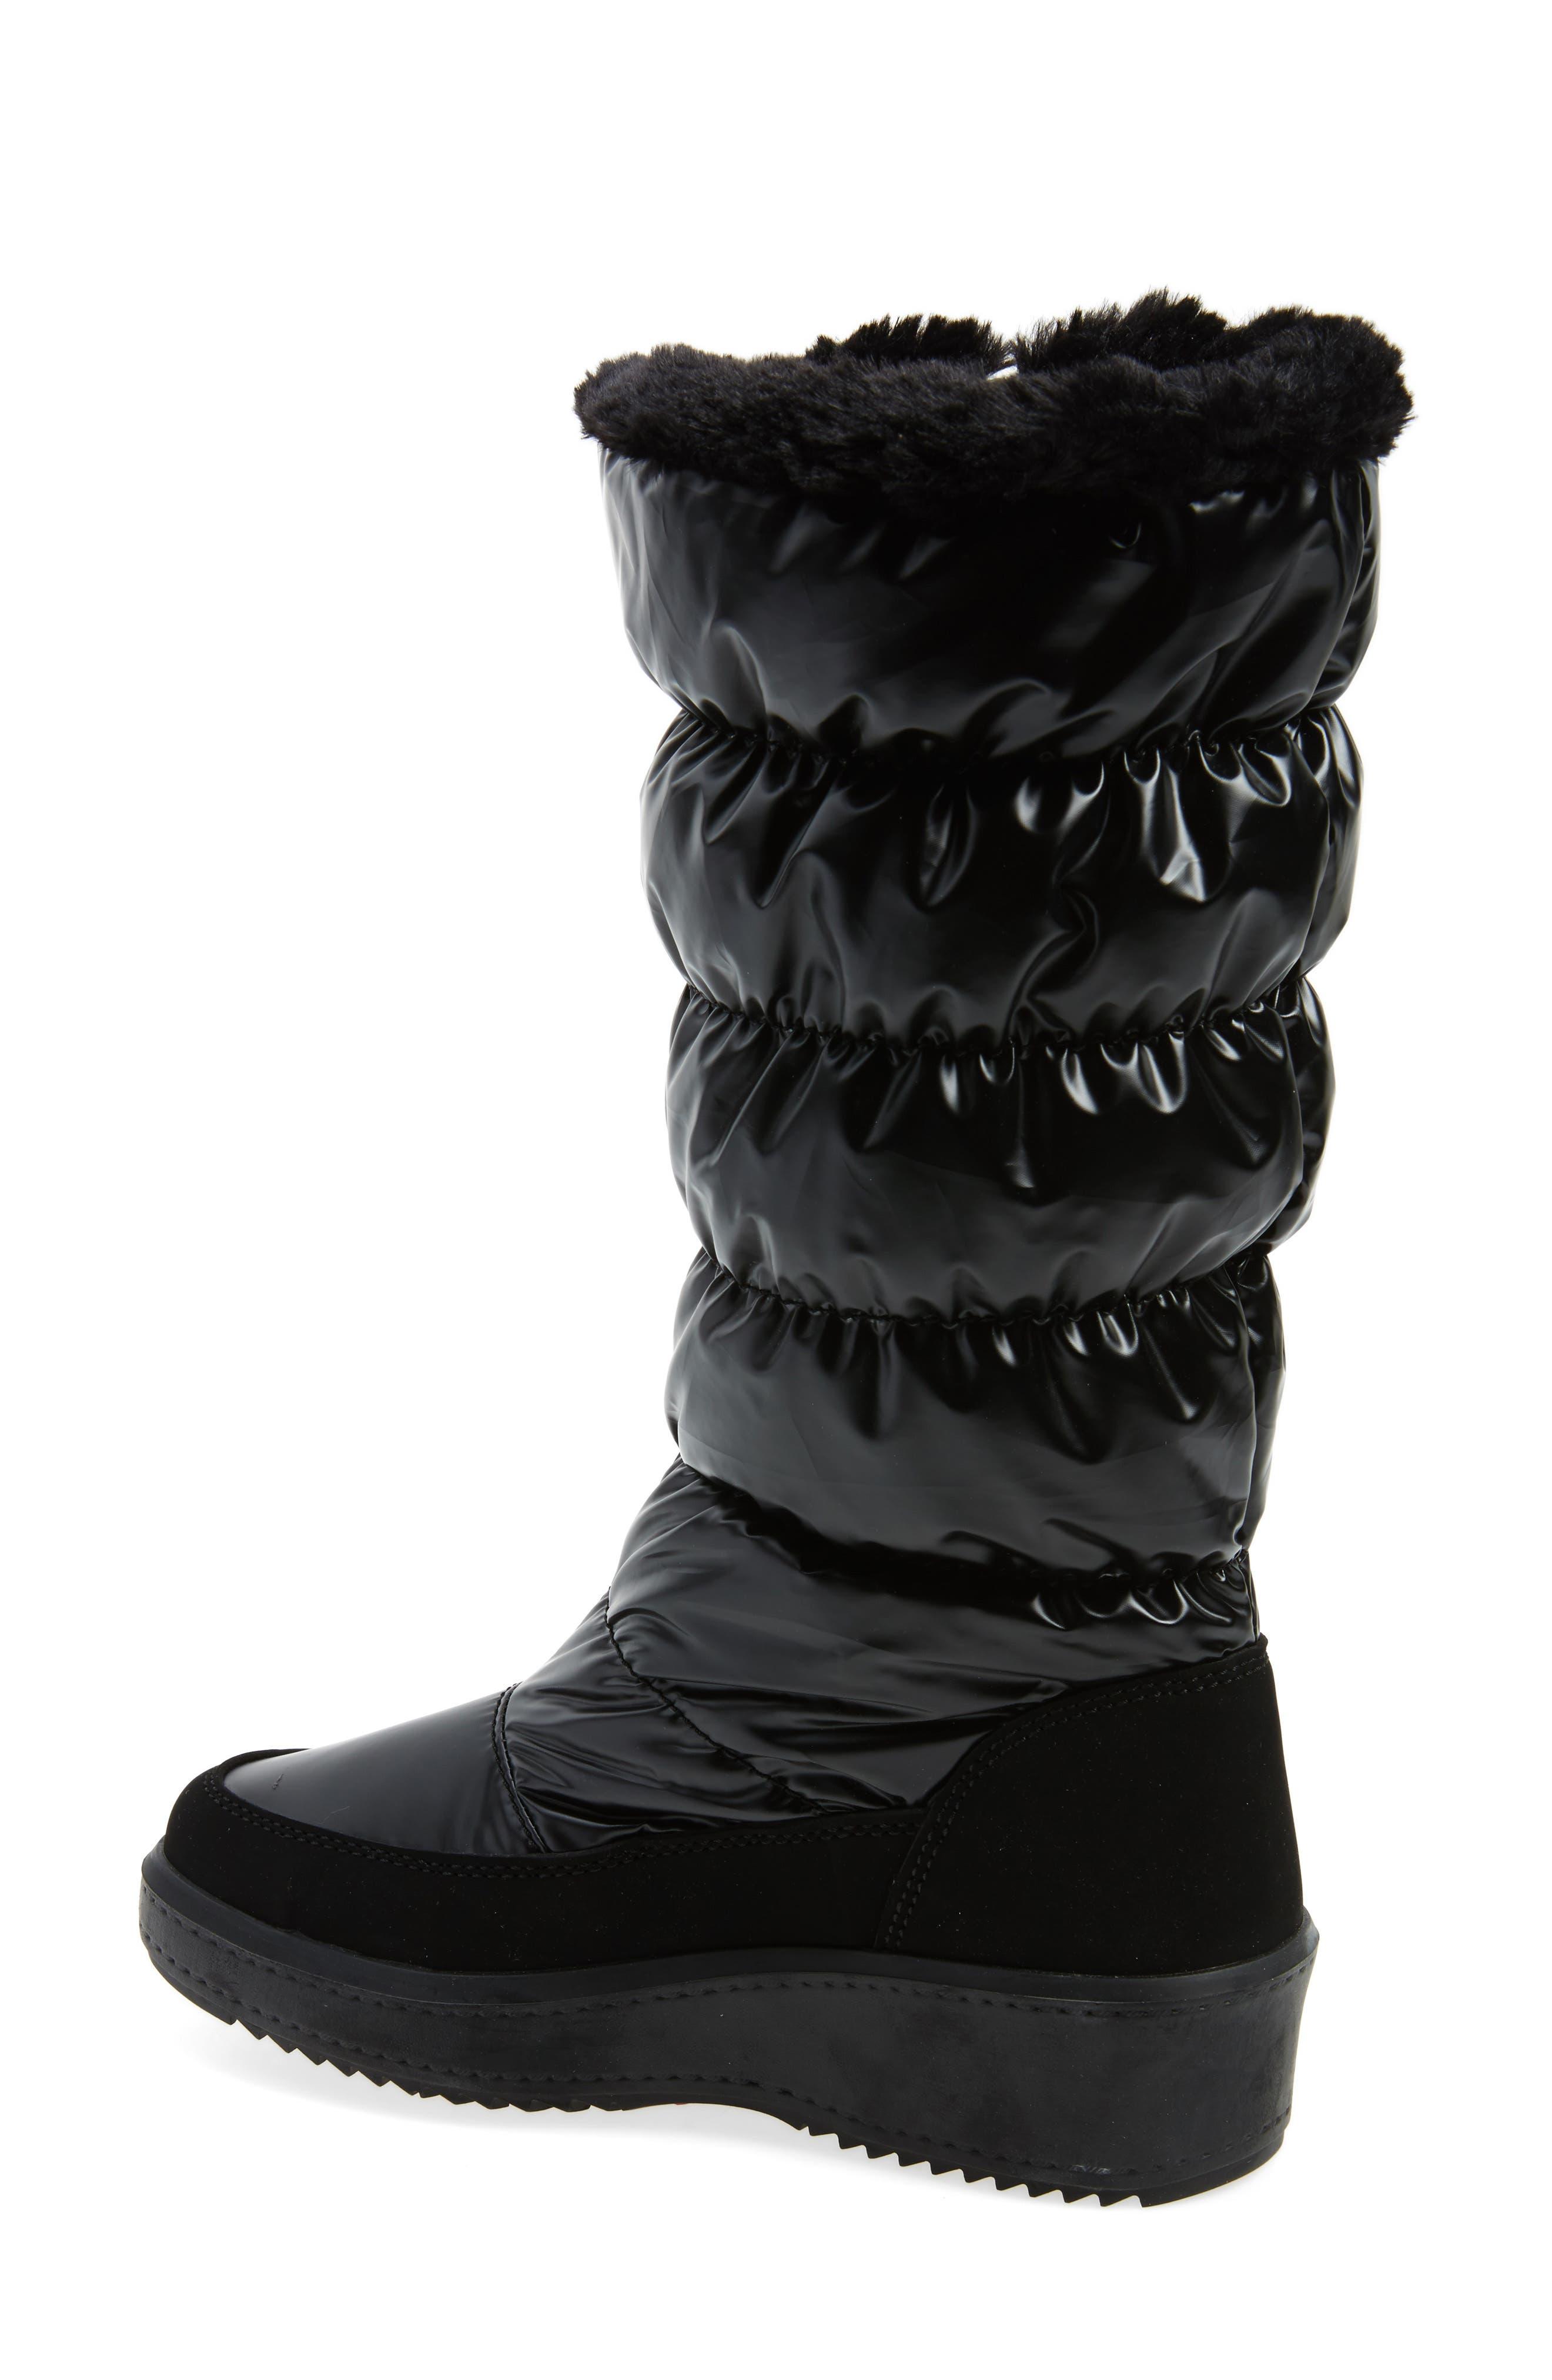 0ae4449c702 Sale: Women's Boots & Booties | Nordstrom